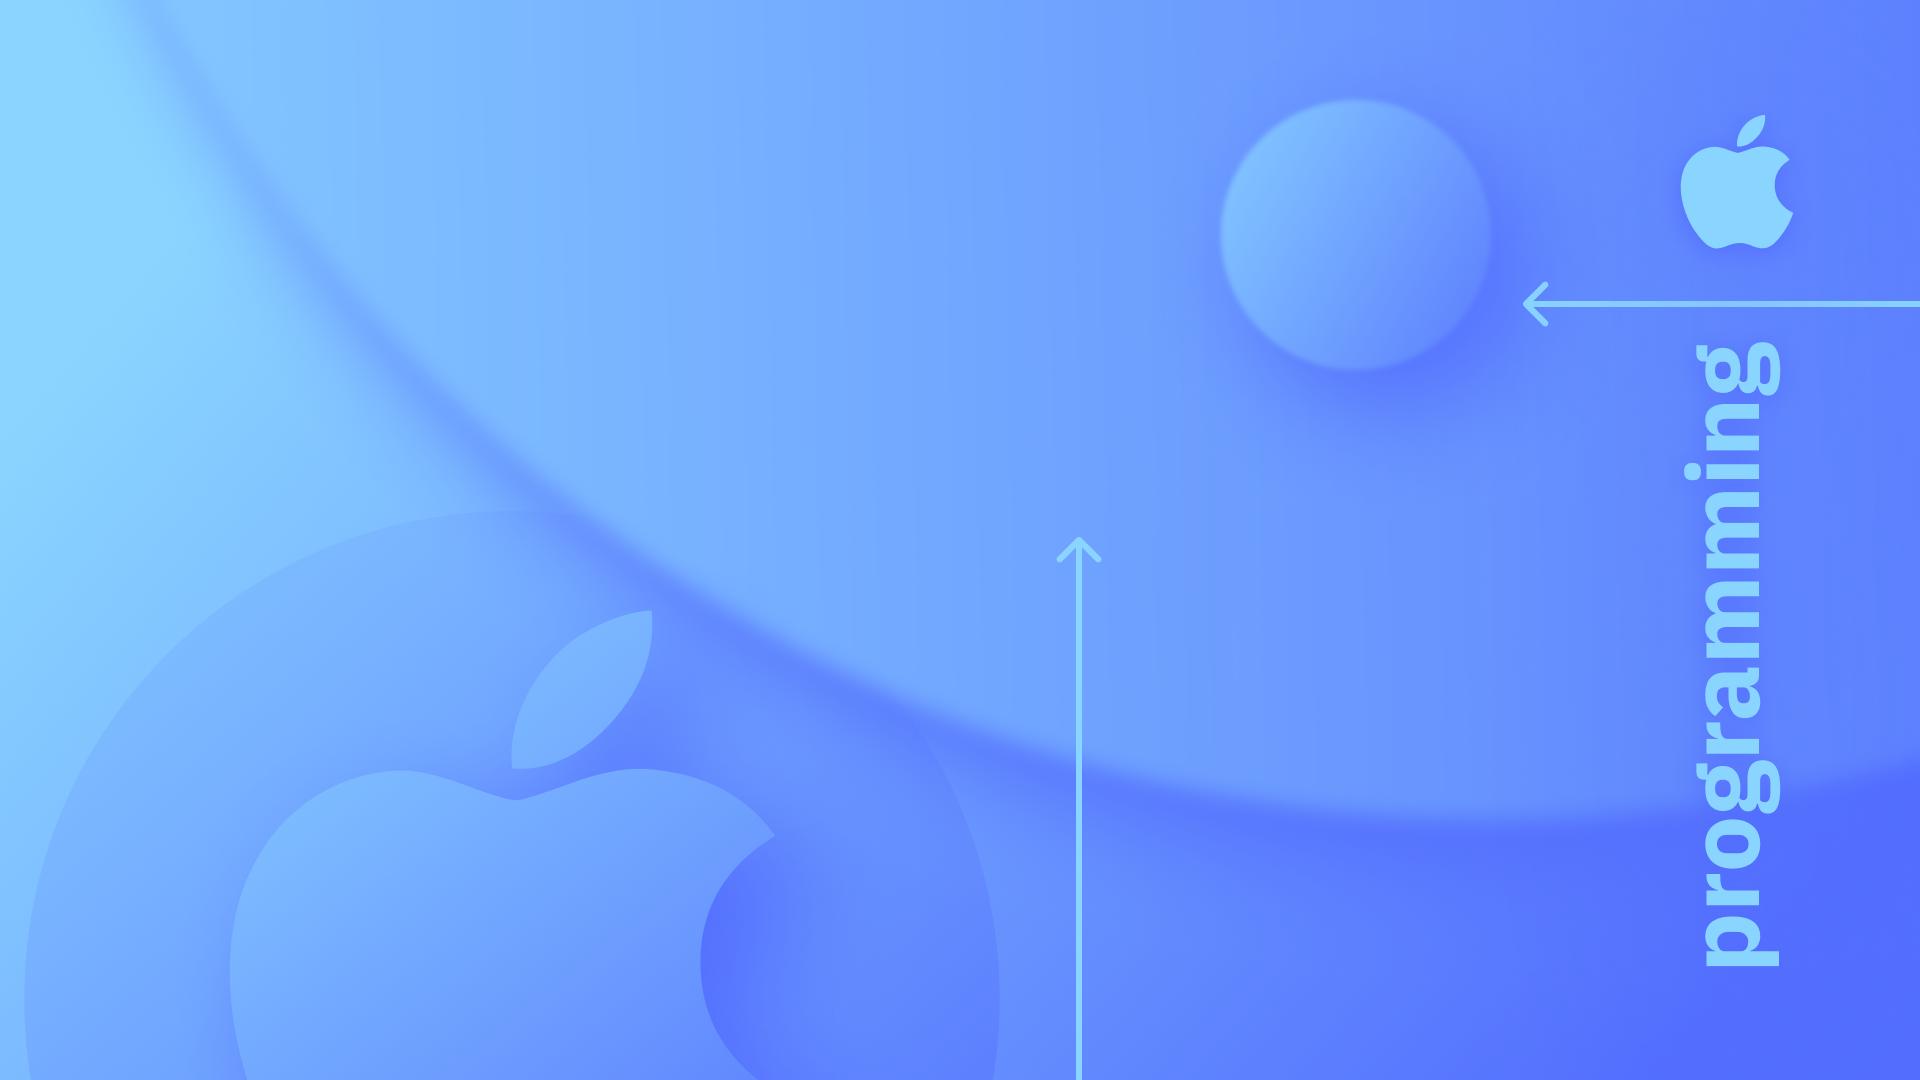 Вебинар Если вы хотите стать iOS-разработчиком фото